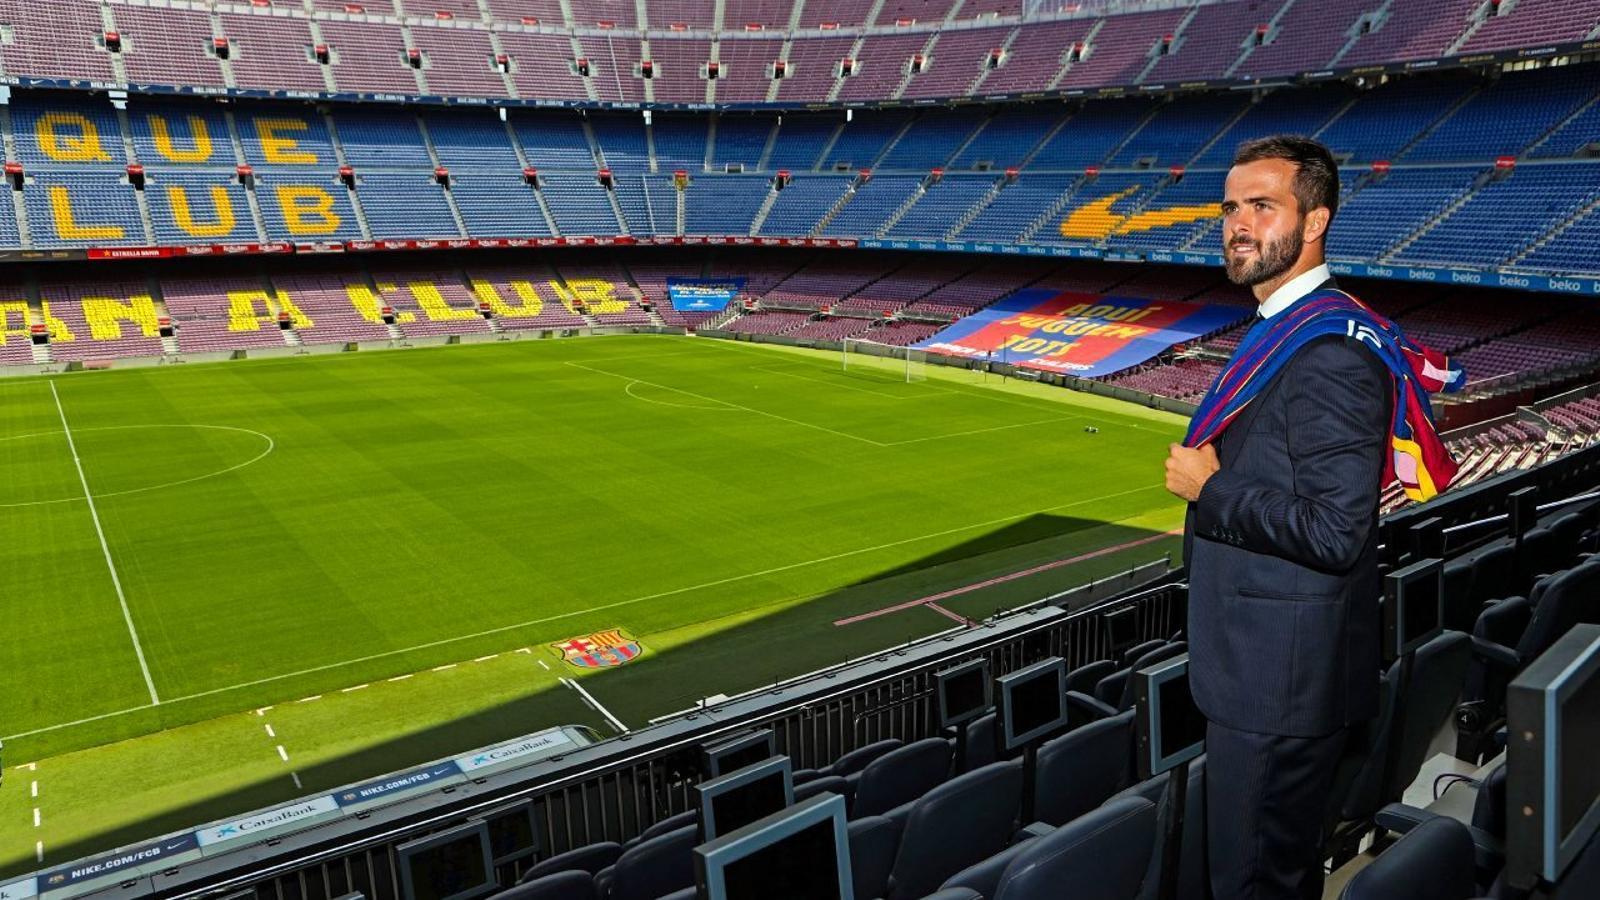 Pjanic després de signar el seu nou contracte al Camp Nou